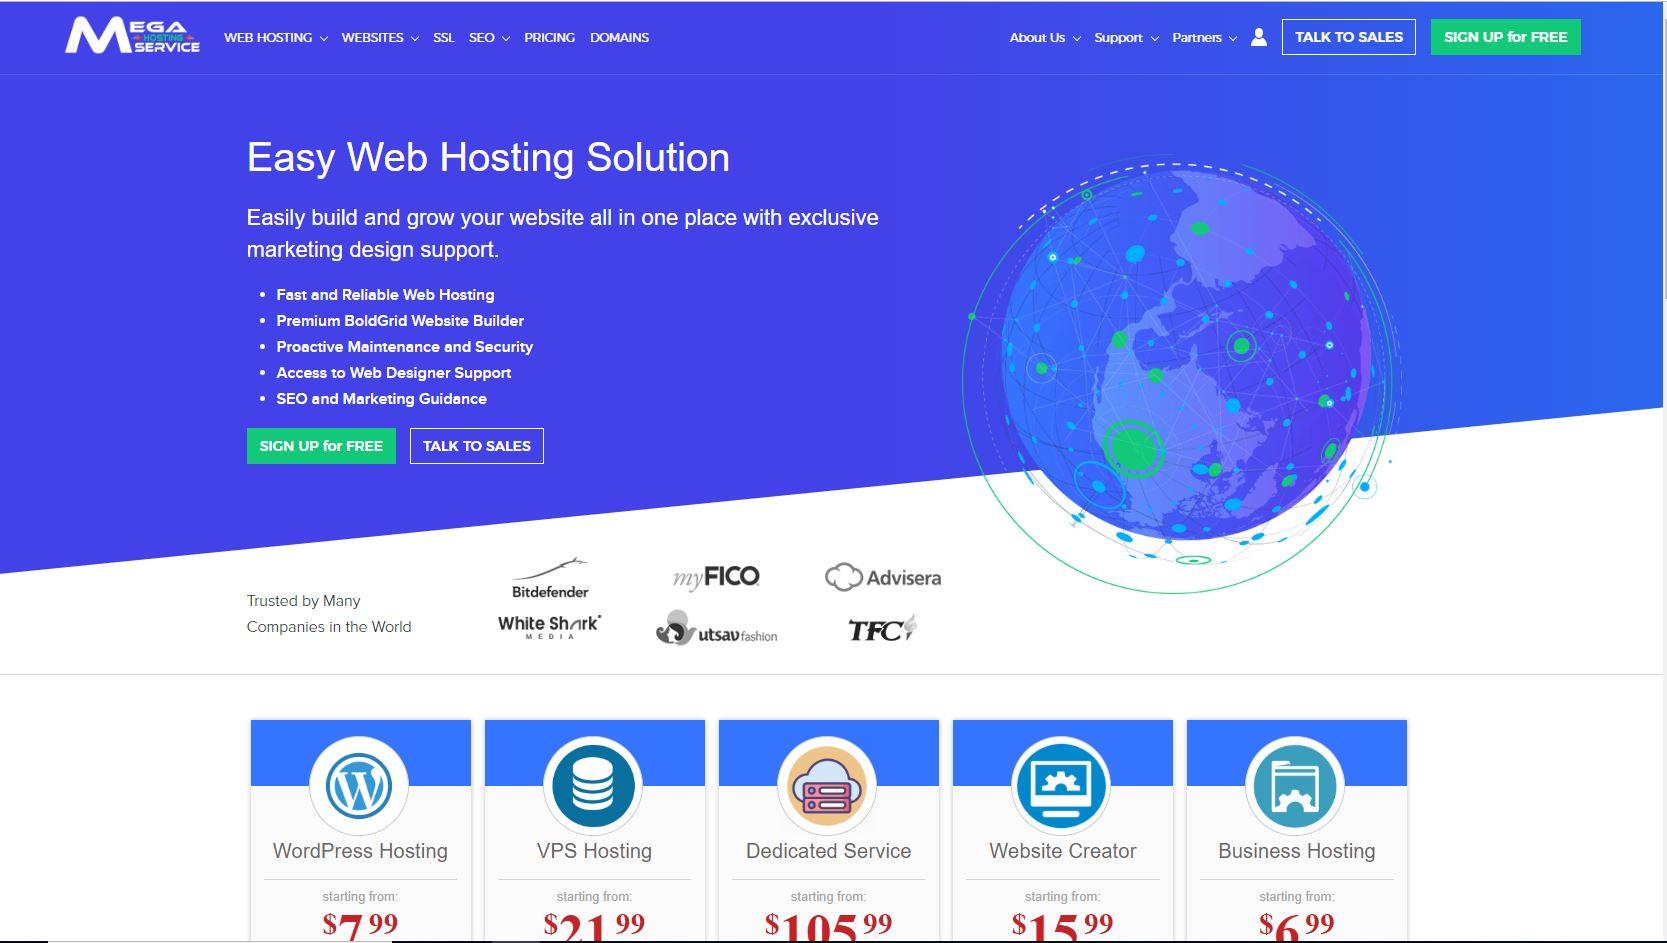 Megahostingservice.com